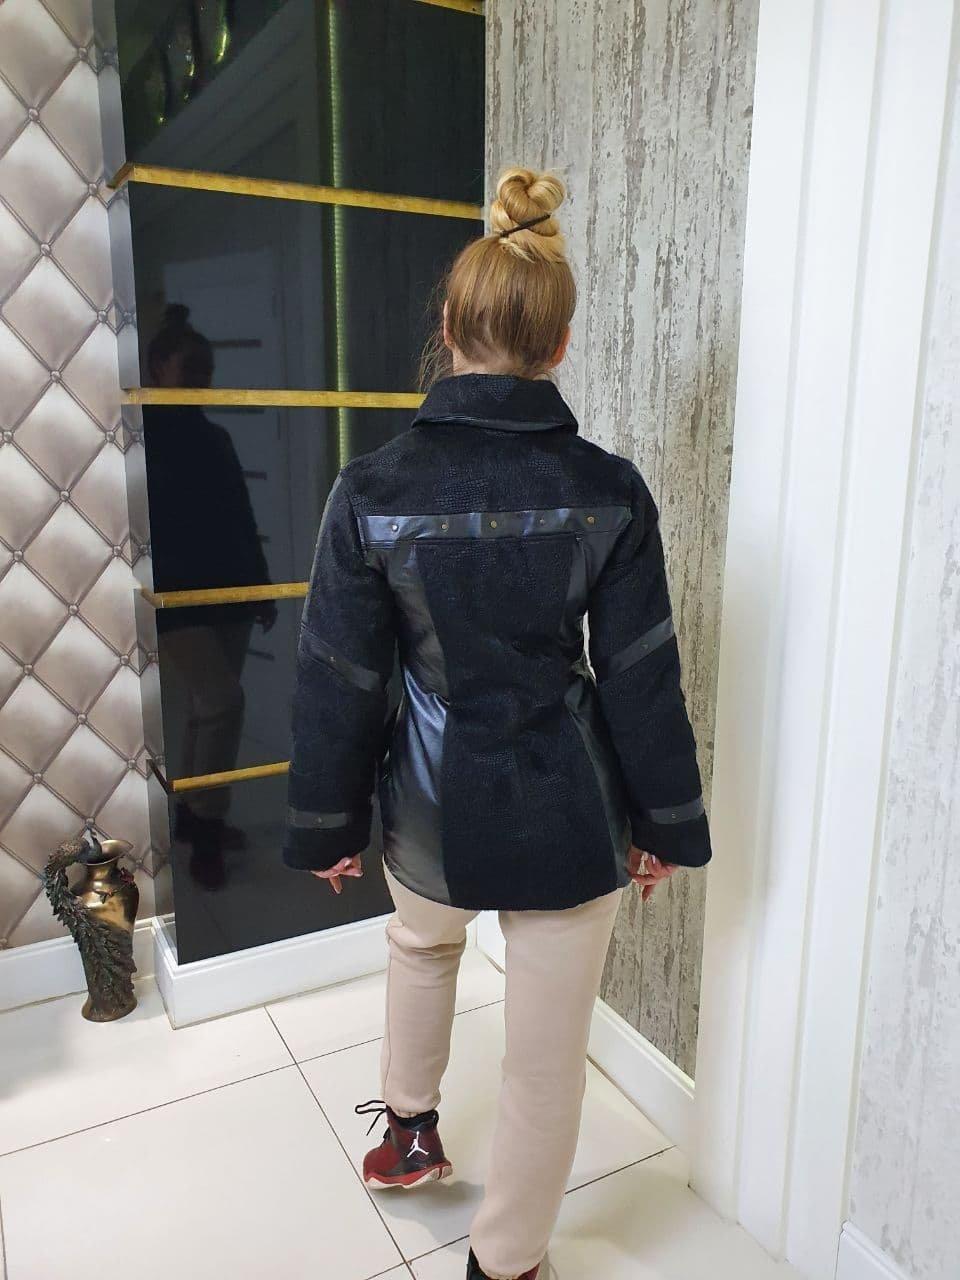 Куртка Весна Марго 10726 АРТ. 47152 Цвет: Черный - фото 2, интернет магазин tm-modus.ru